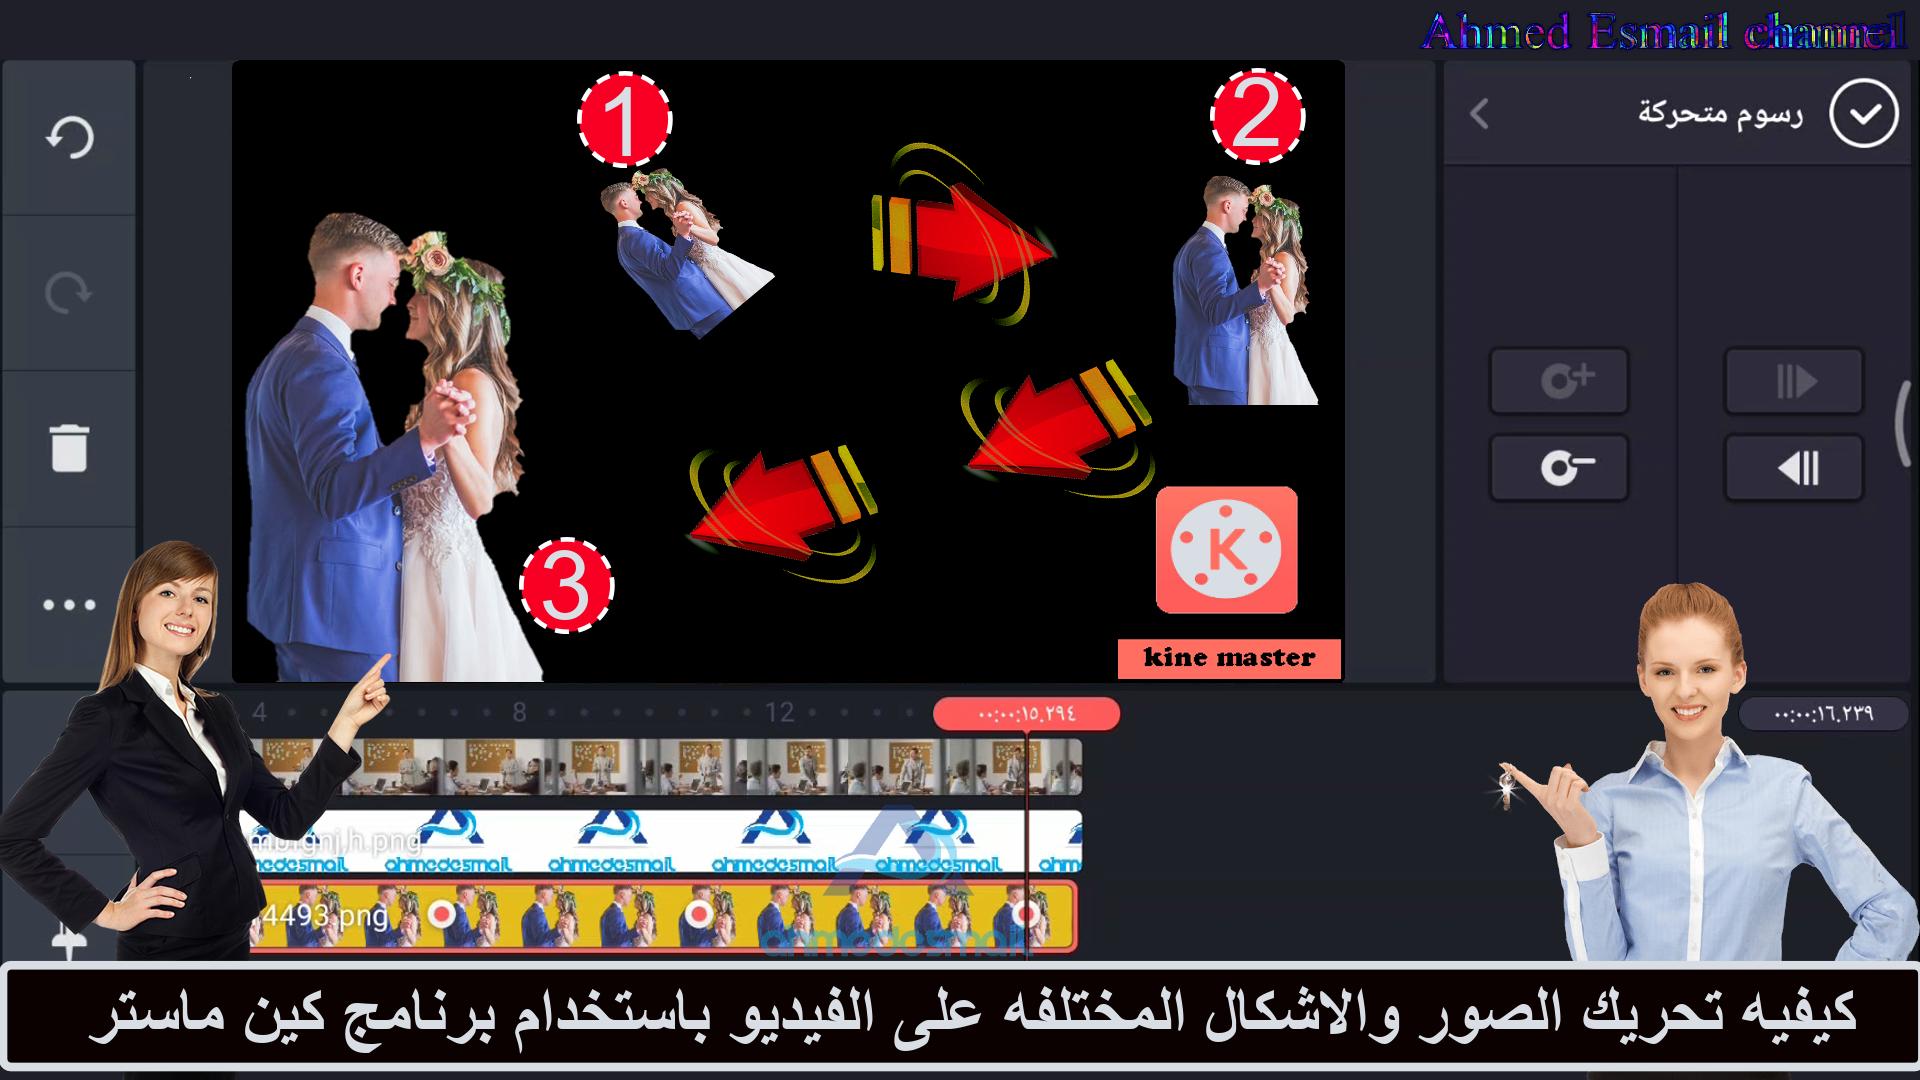 كيفيه تحريك الصور والنصوص والاشكال المختلفه على الفيديو باستخدام كين ماستر Kinemaster Master